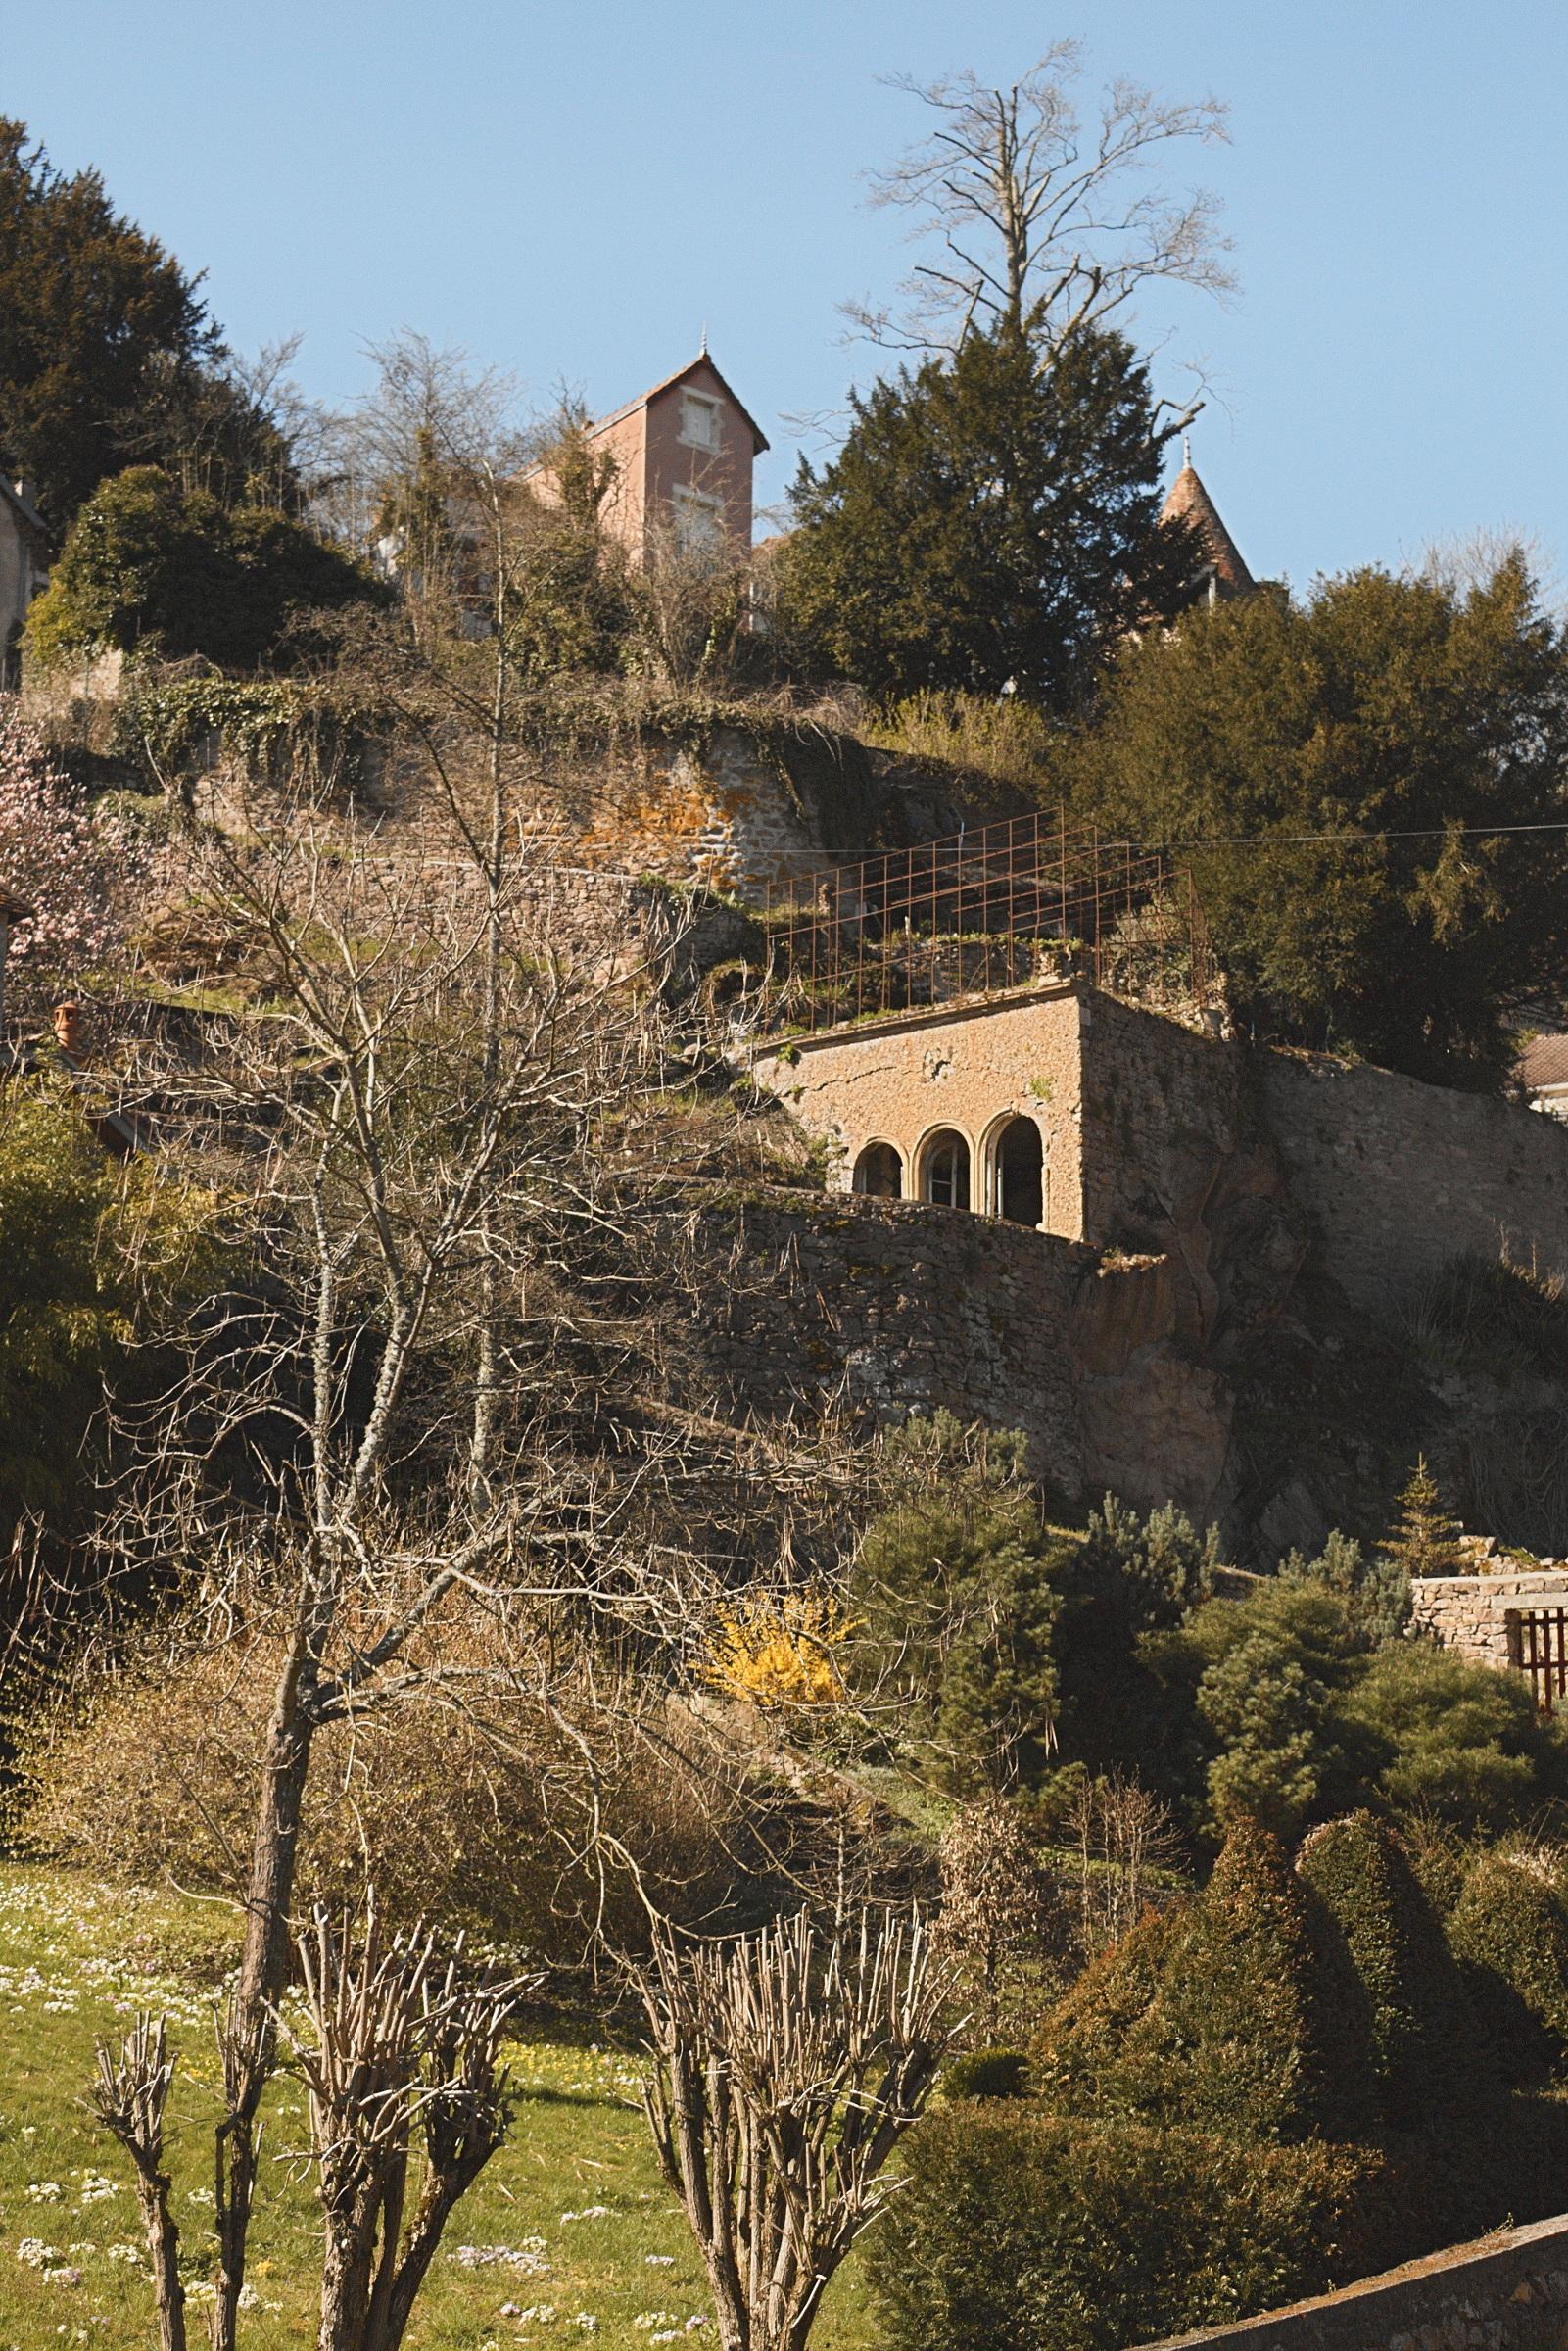 paysage arbre ciel chteau ville village france lautomne bleu ruines pittoresque site zone rurale - Arbre Ciel